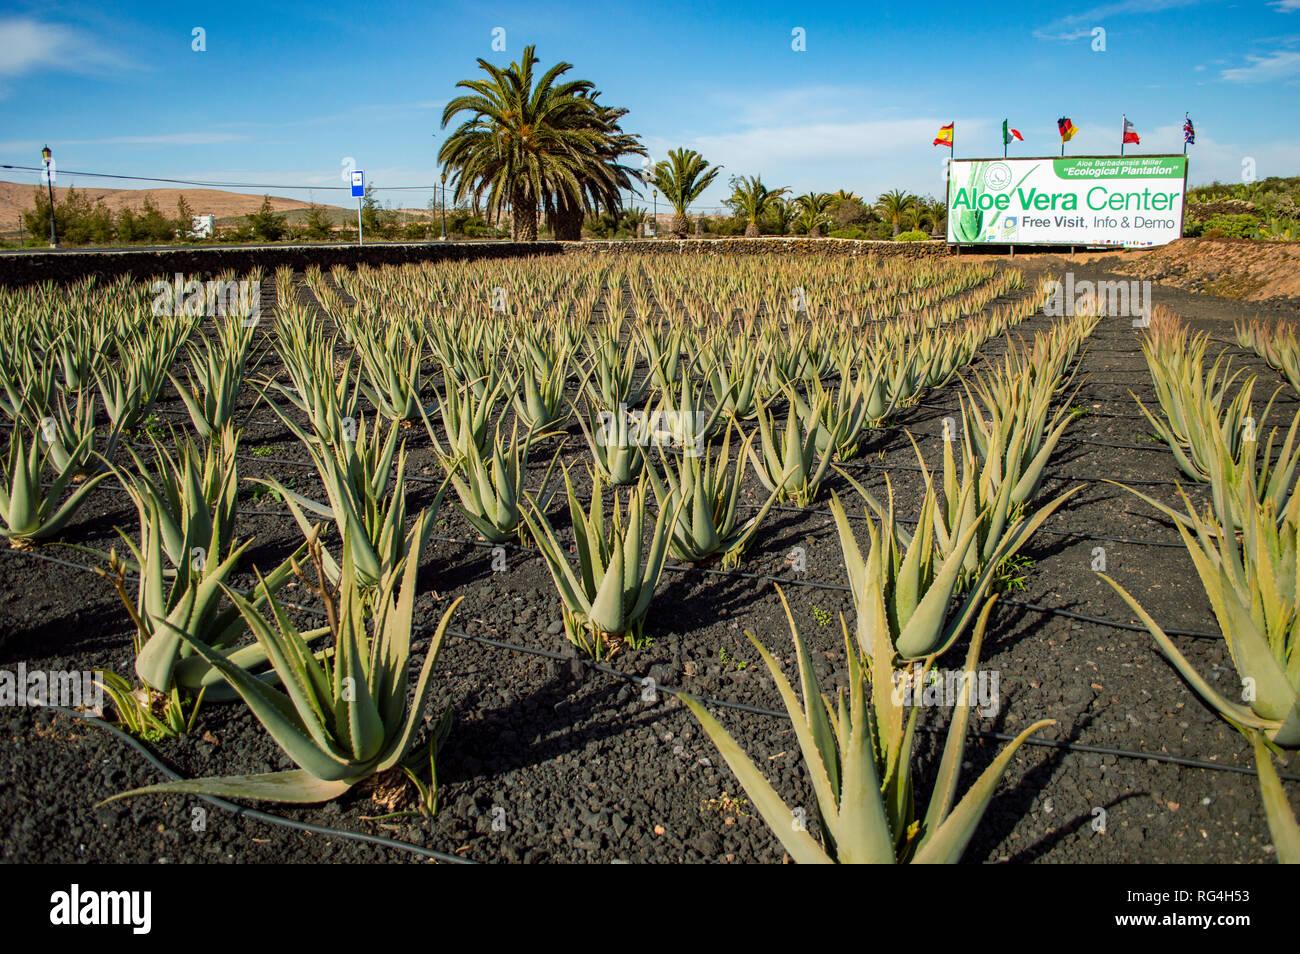 Die Finca Canarias Aloe Vera Gartencenter in Fuerteventura, Kanarische Inseln Stockbild